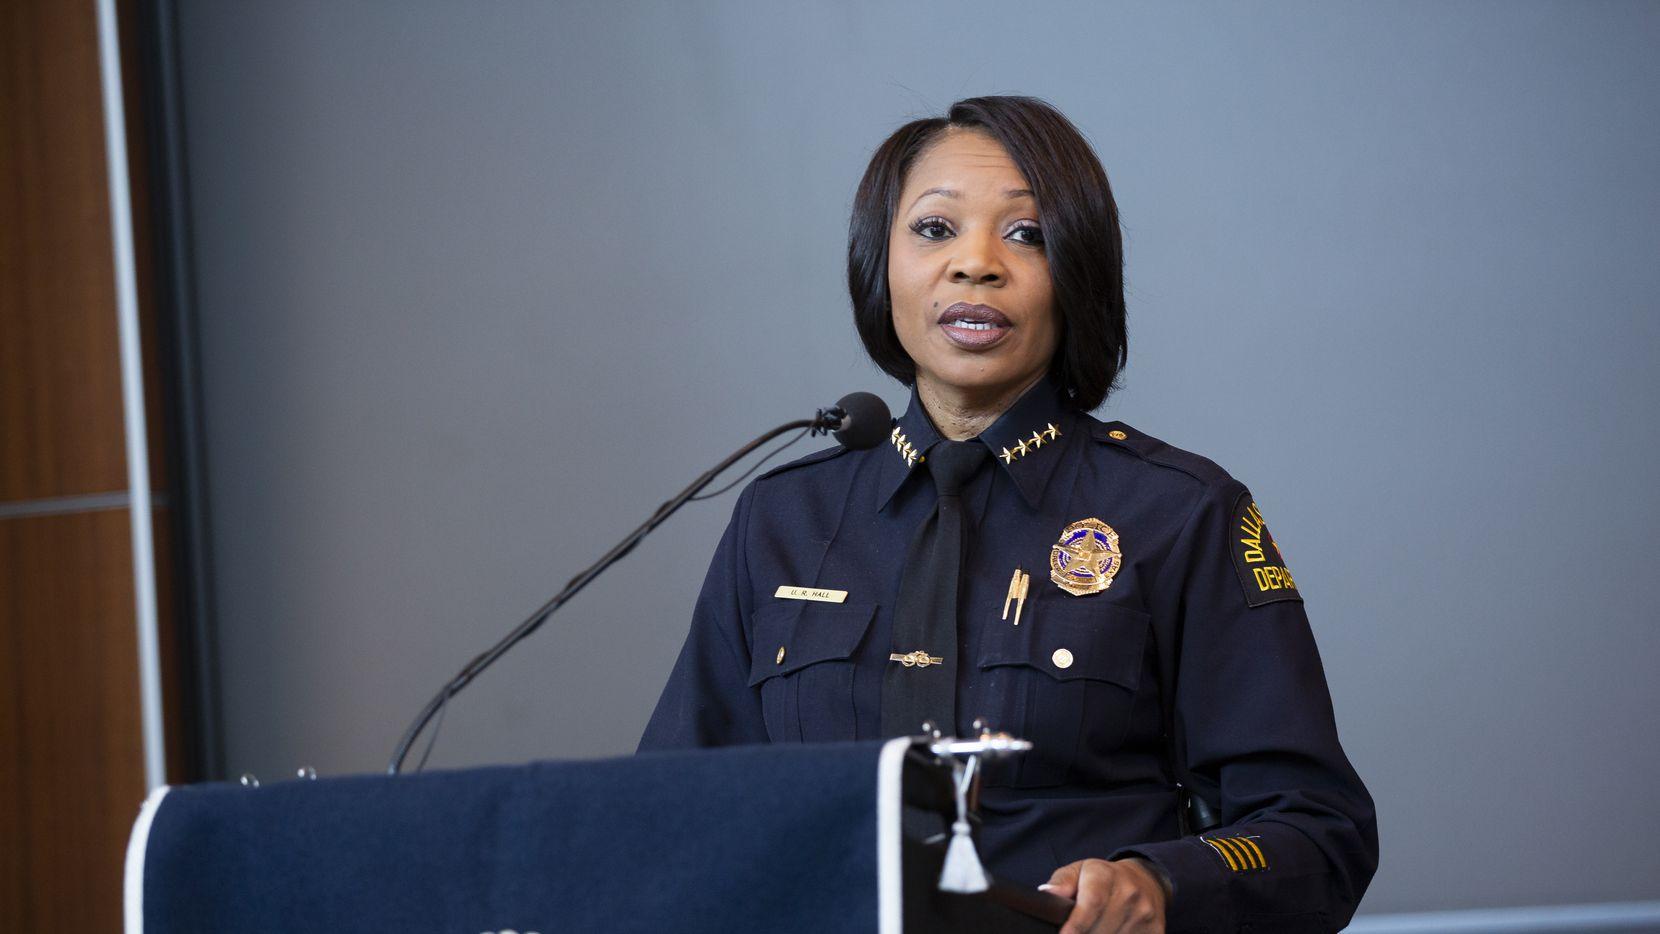 La jefa de policía de Dallas, Reneé Hall.